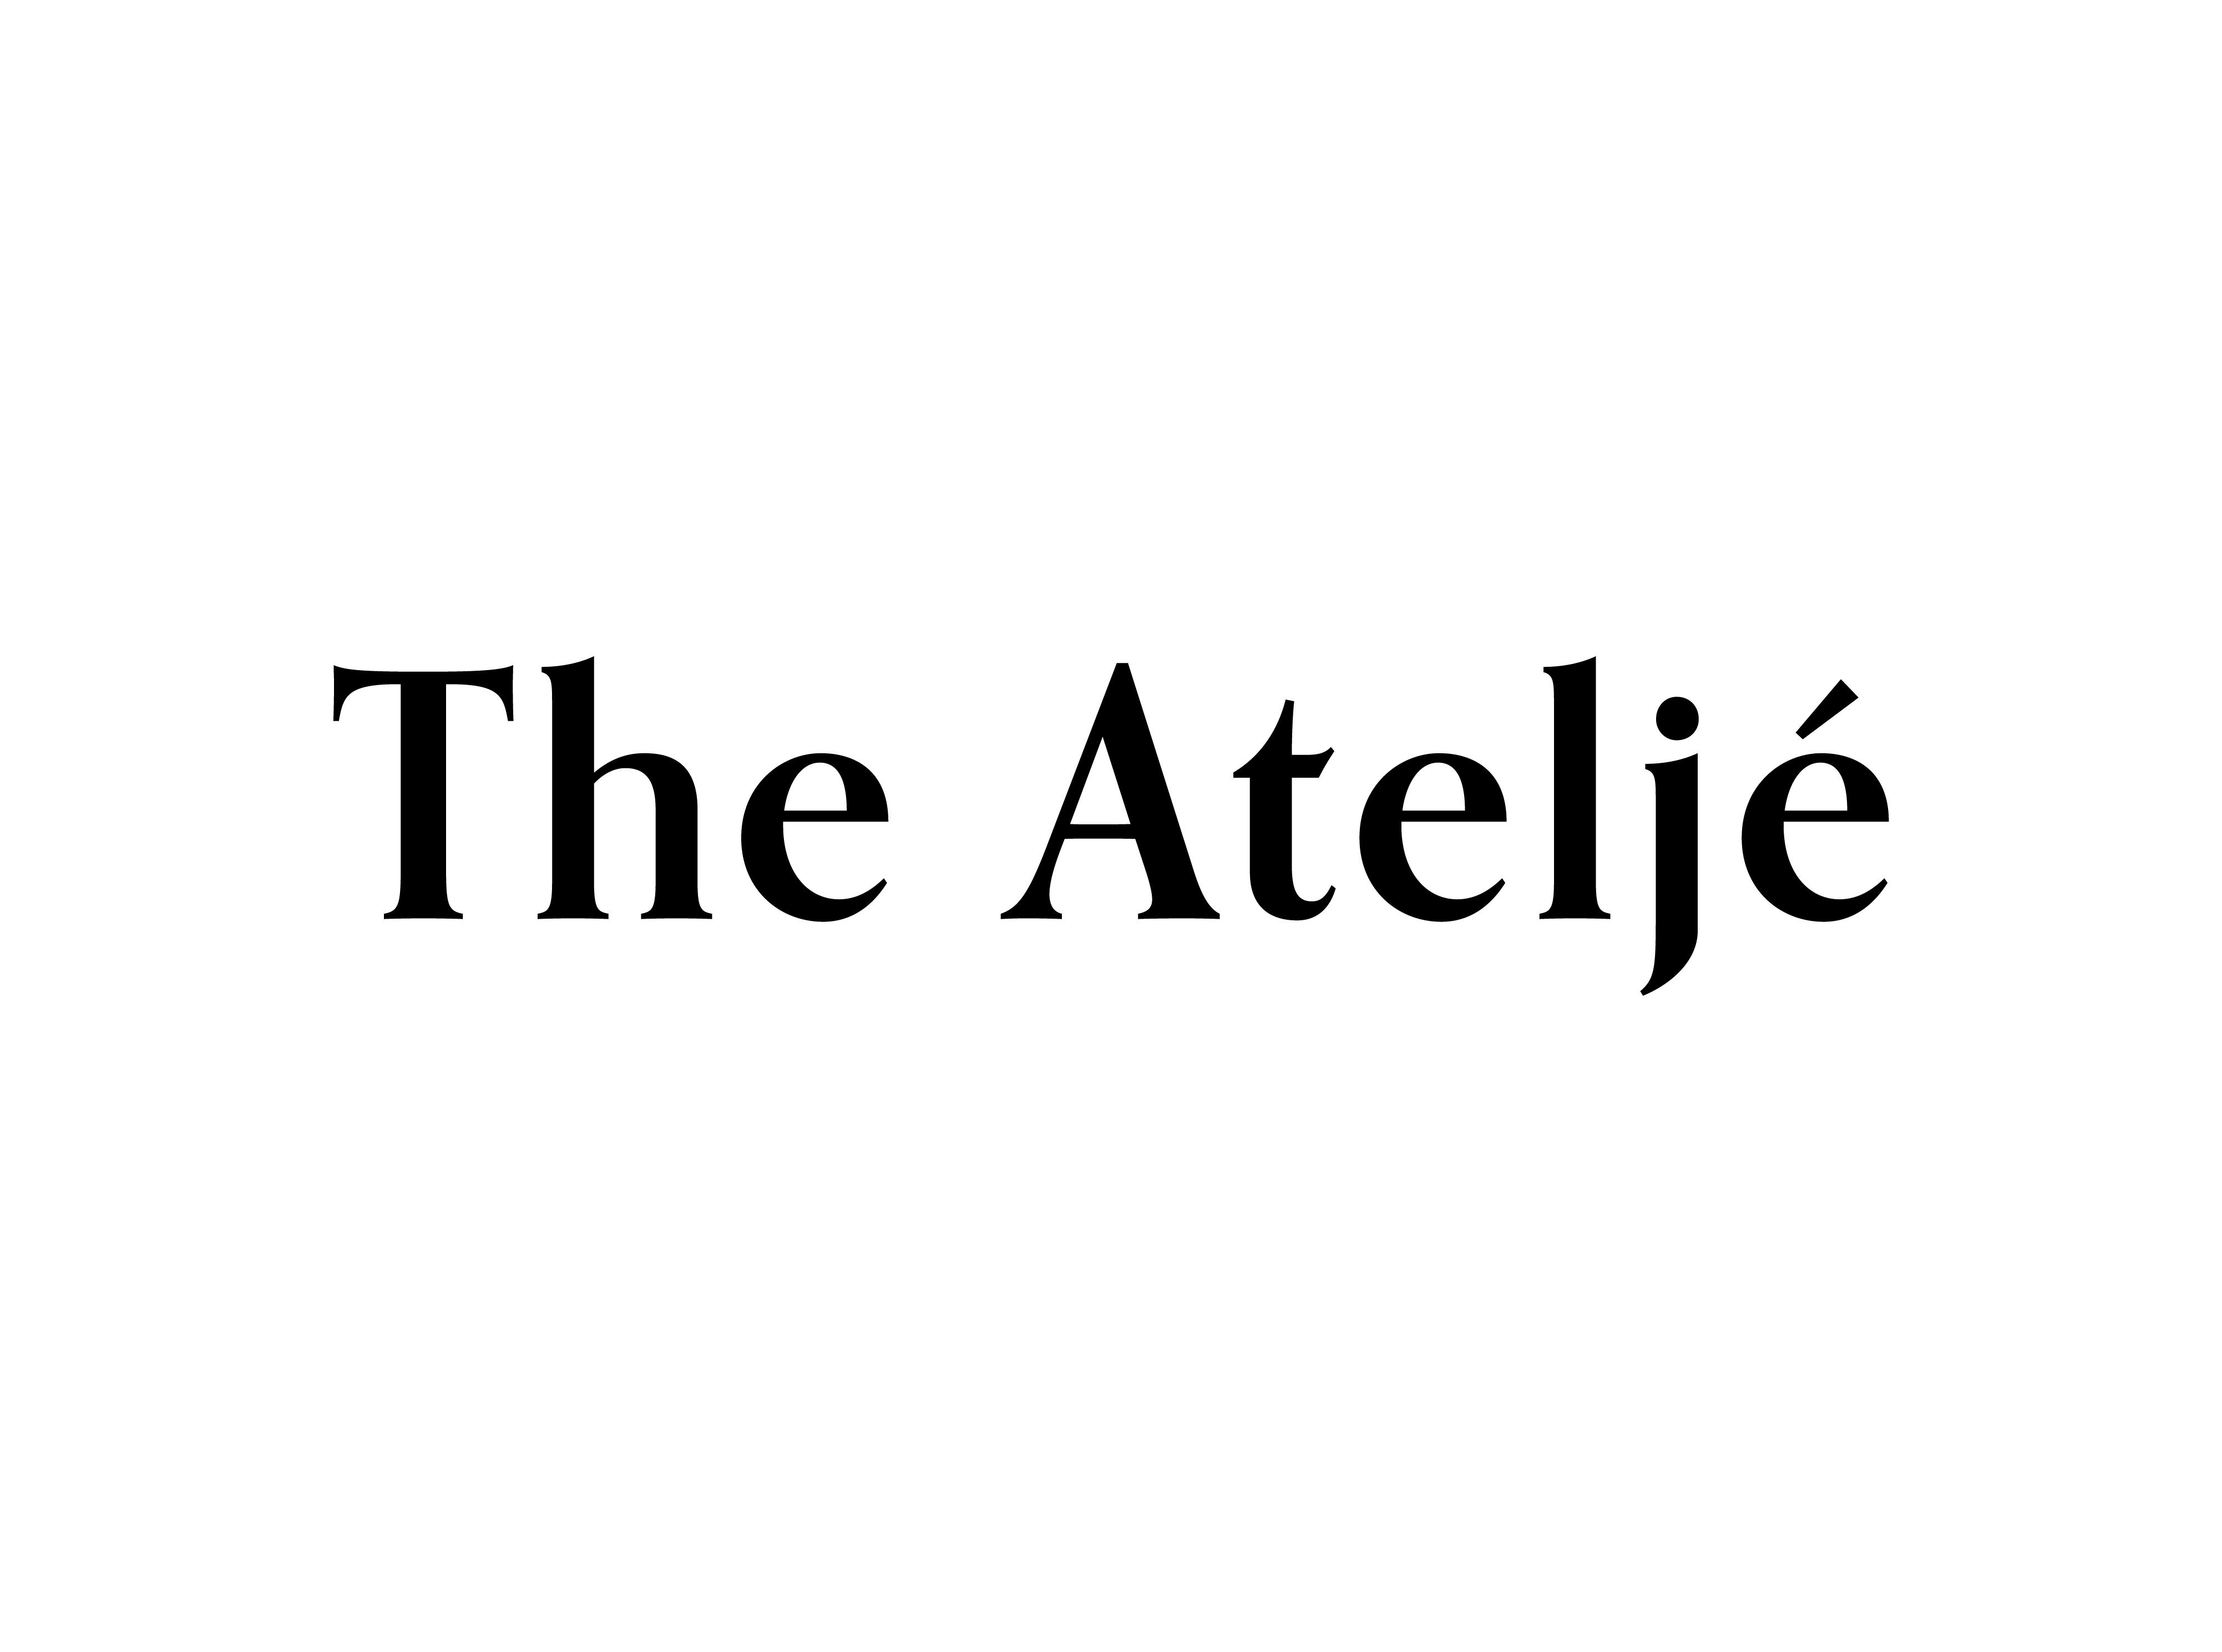 The Ateljé